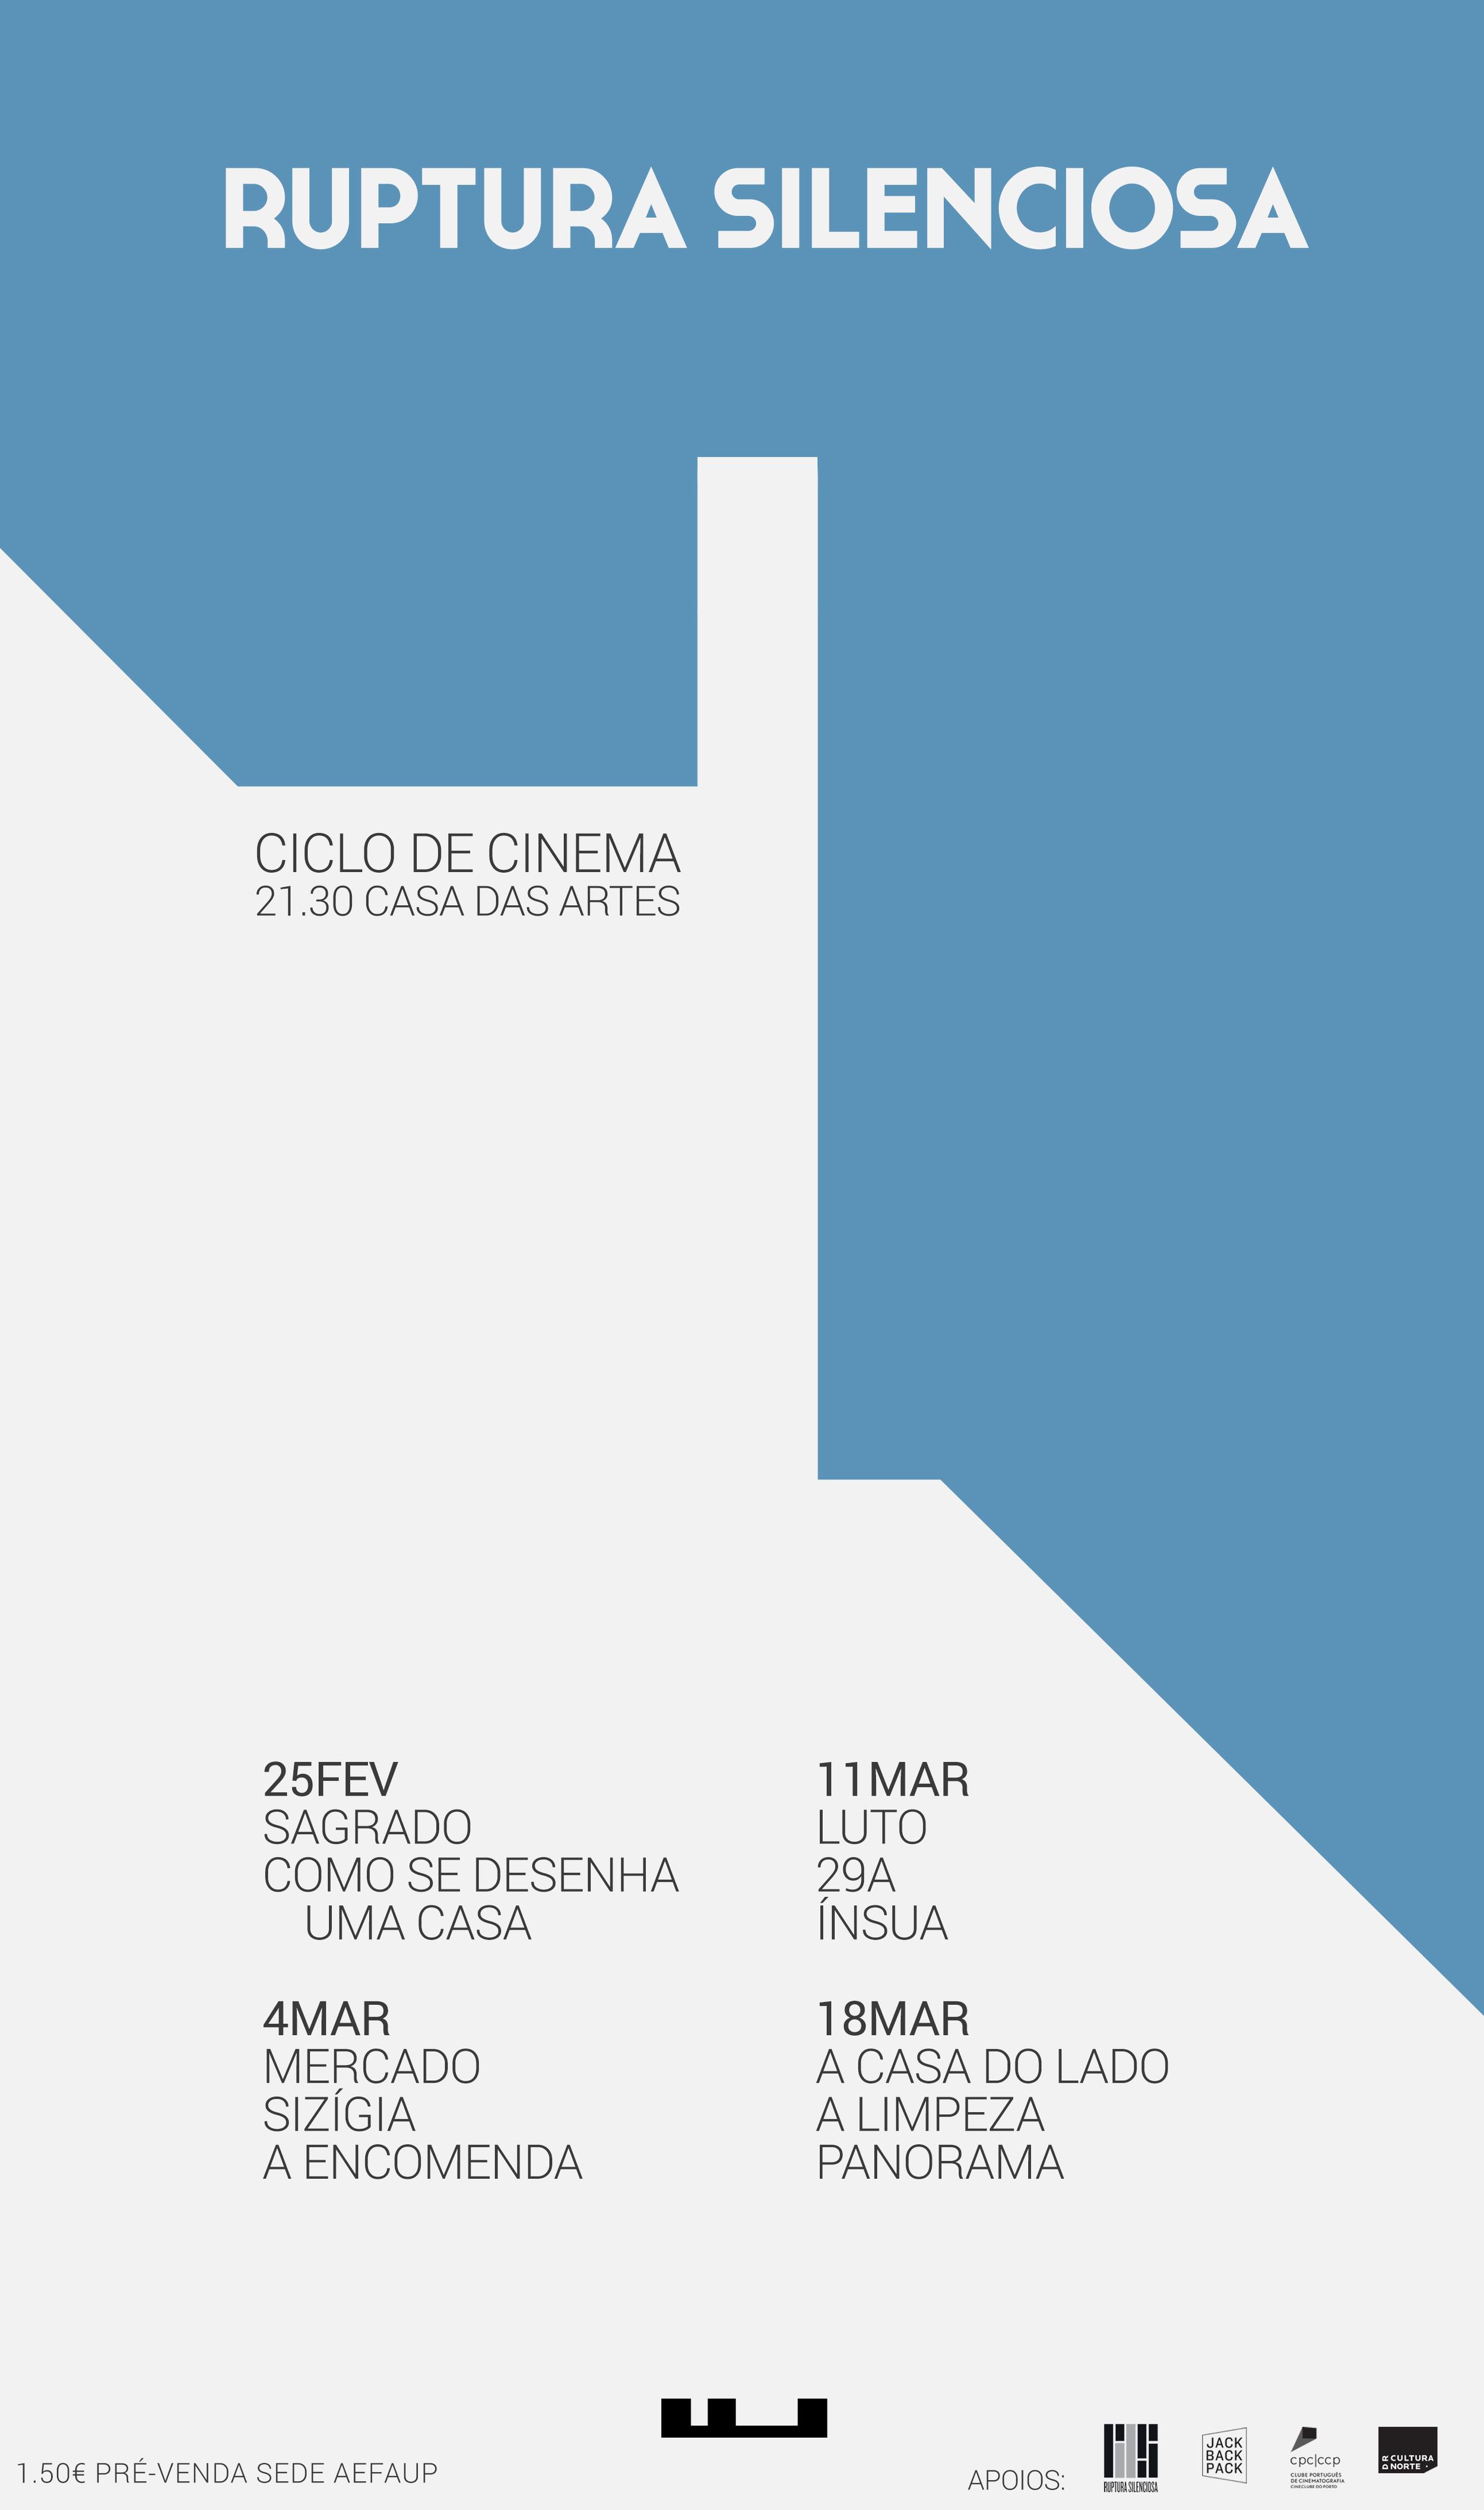 Ciclo de Cinema Ruptura Silenciosa